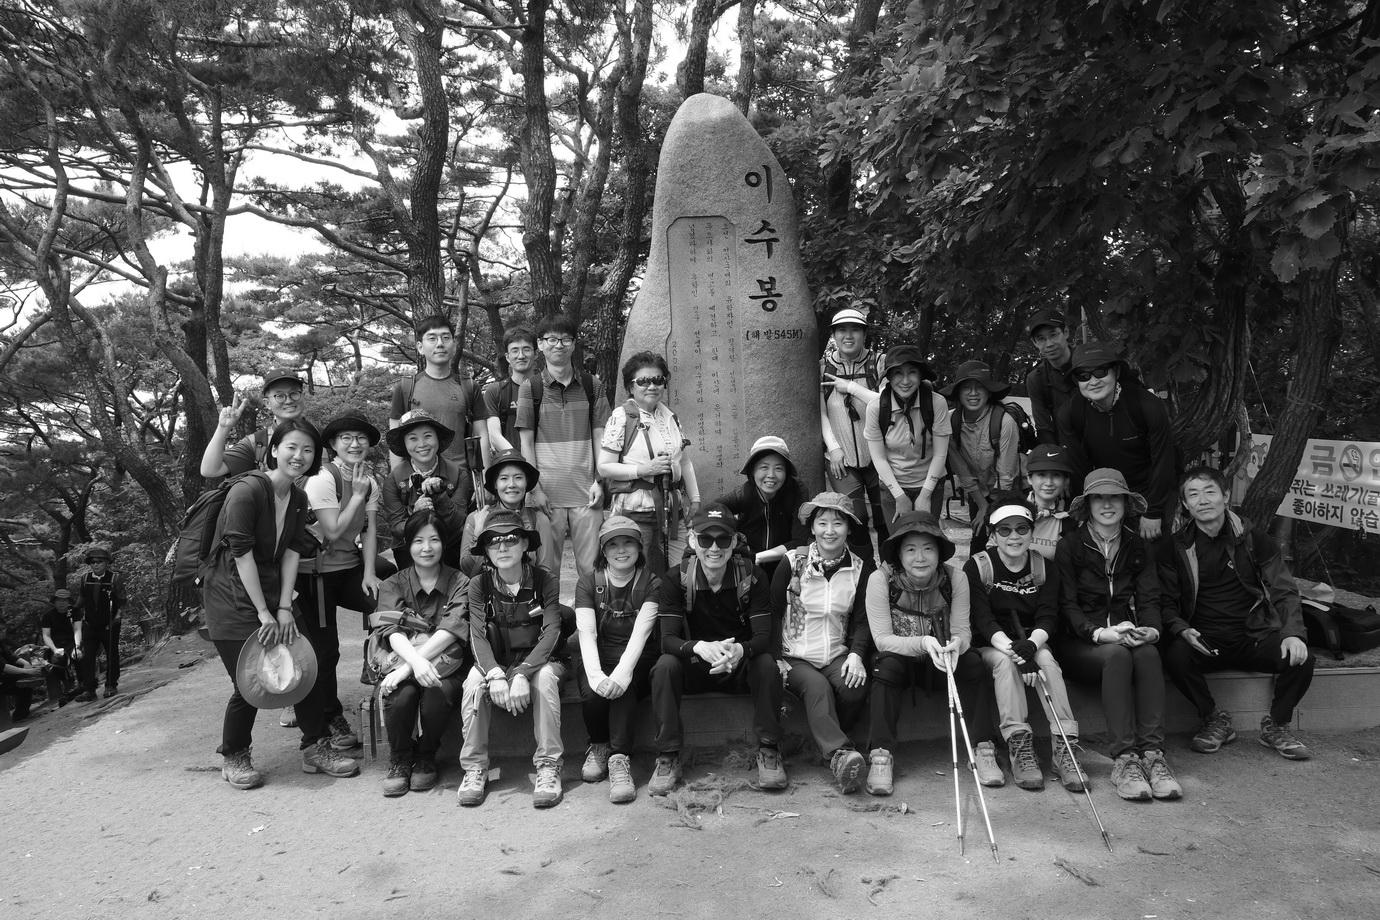 2019-06-01 12-20-방하트렉 청계산 이수봉_011_resize